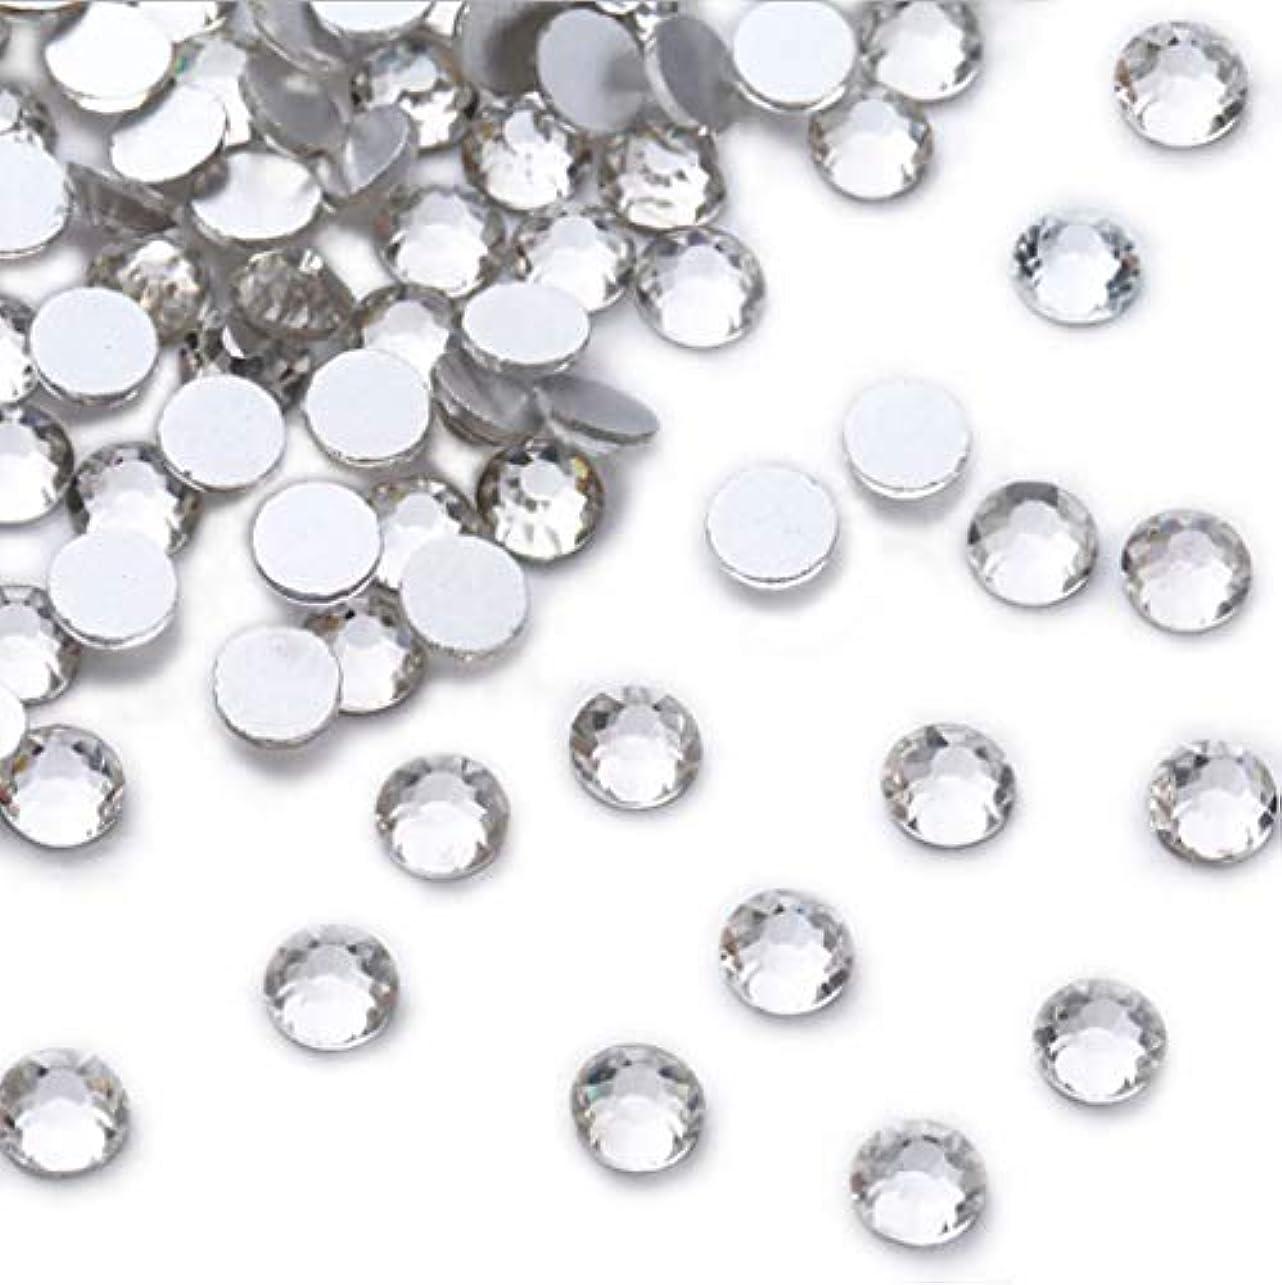 くびれた体系的に困惑するXIULIラインストーン DIY ネイルを飾てと服装使用 高い採光 ホワイト ss3-30 (6.5mm ss30(288粒), サイズ)